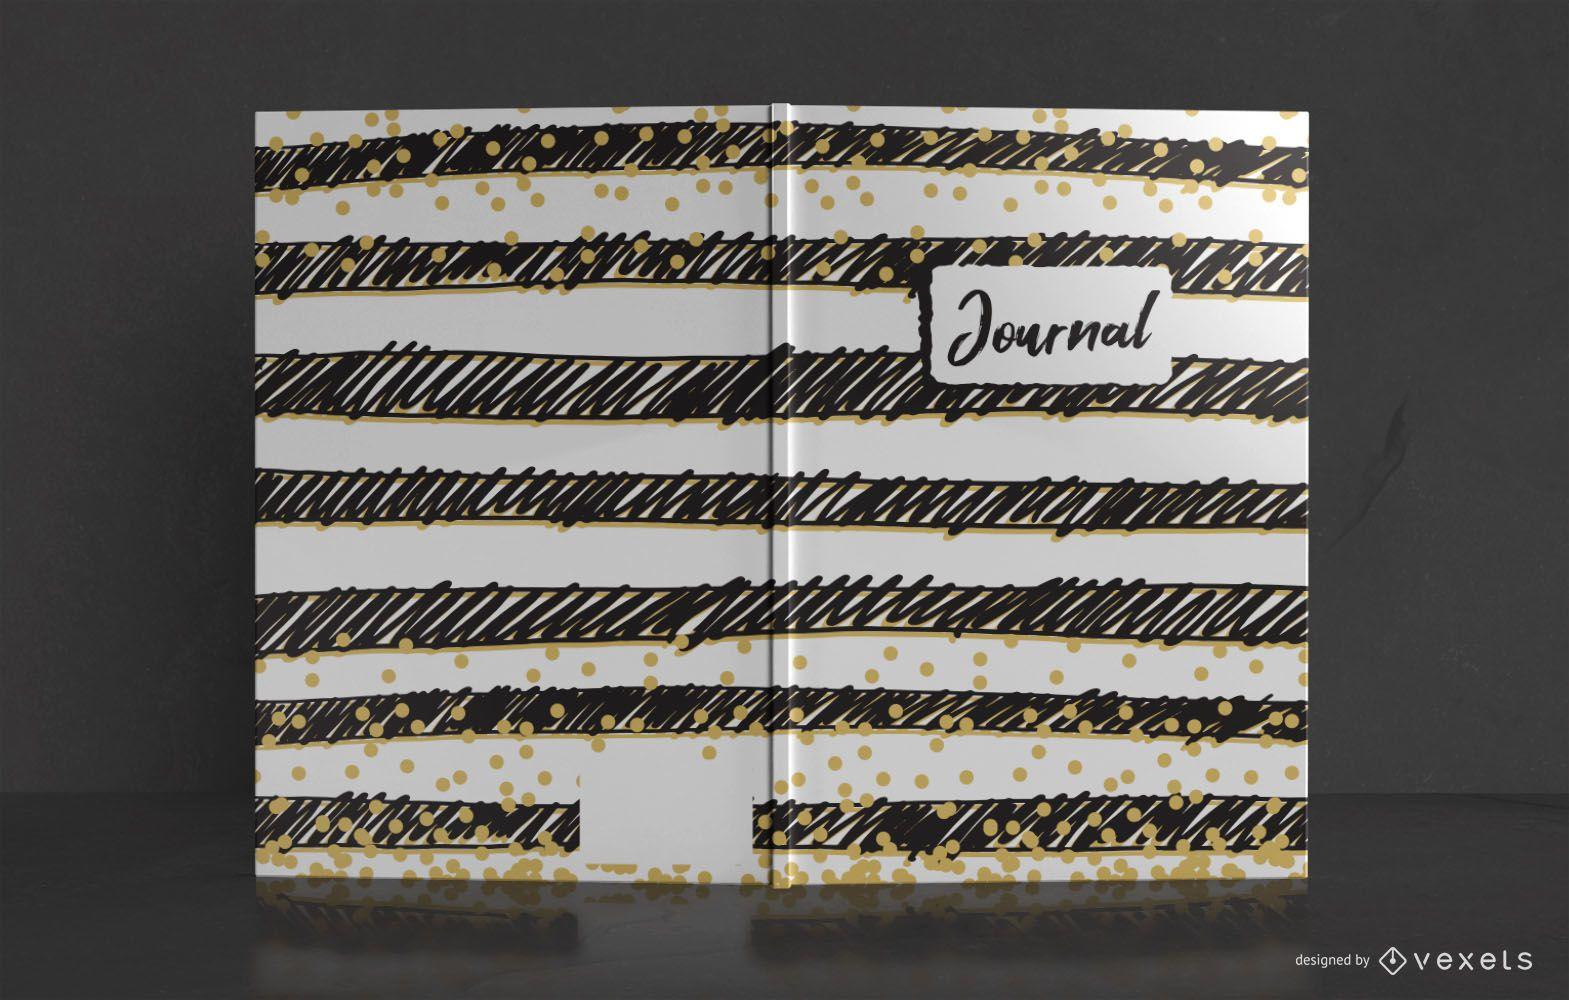 Doodle Stripes Journal Cover Design